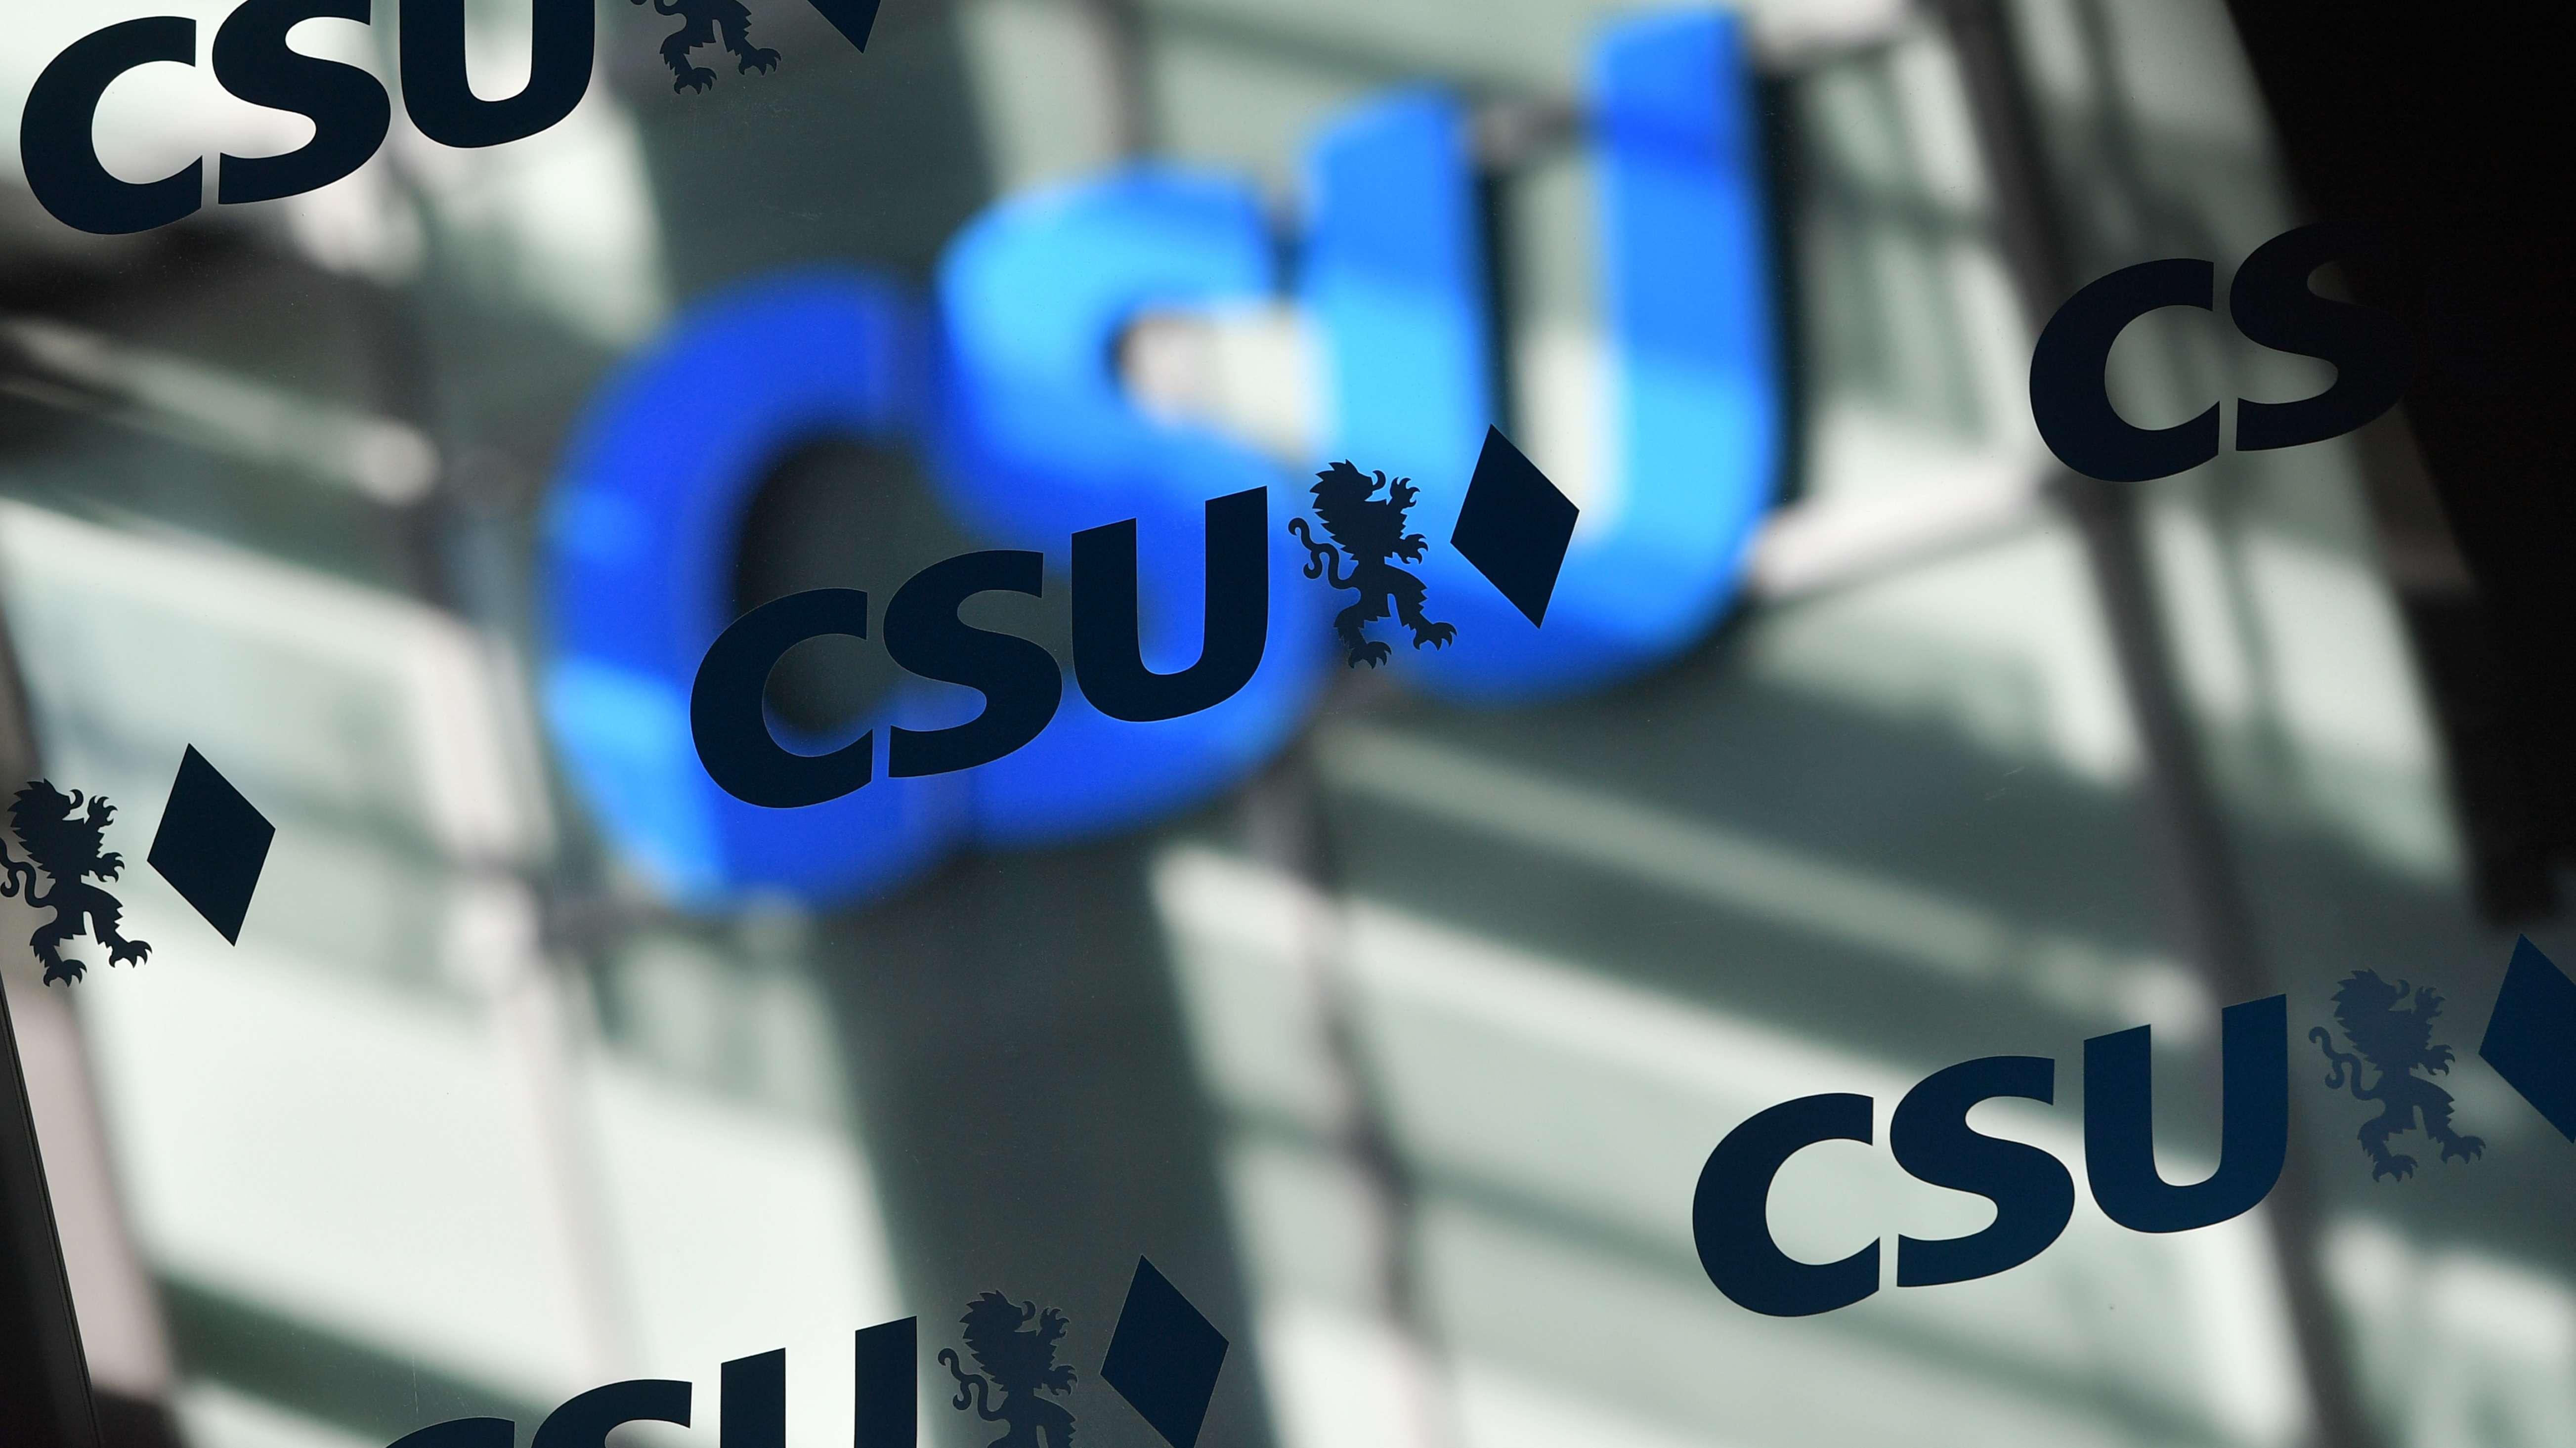 Die OB-Frage sorgt für Ärger in Regensburgs CSU: Der Chef der Stadtrats-CSU, Zimmermann, kritisiert die Ex-Bundestagsabgeordnete Freudenstein.